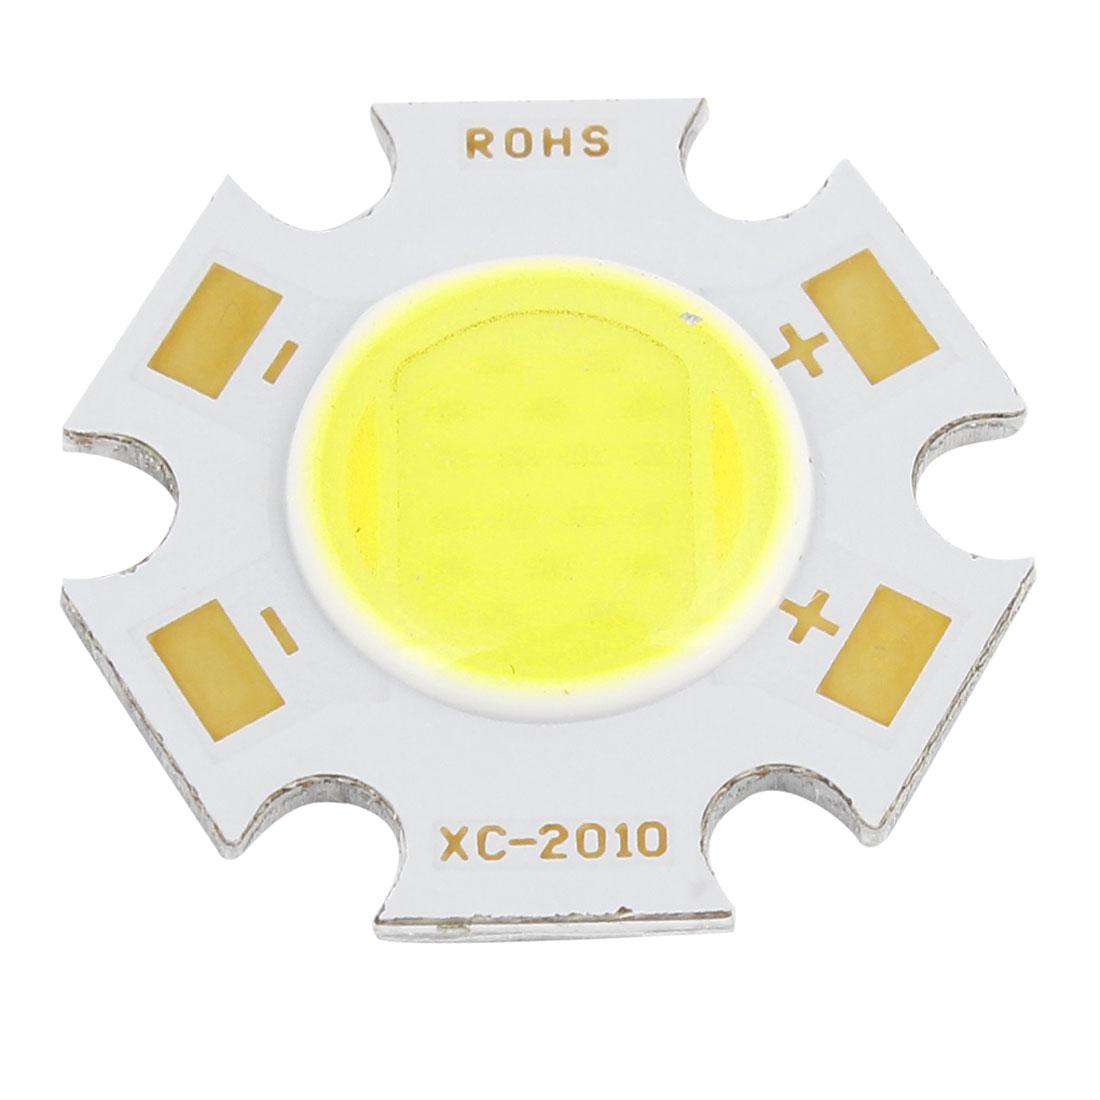 27-29V 9W Pure White Light High Power SMD COB LED Lamp Chip Bulb Emitter